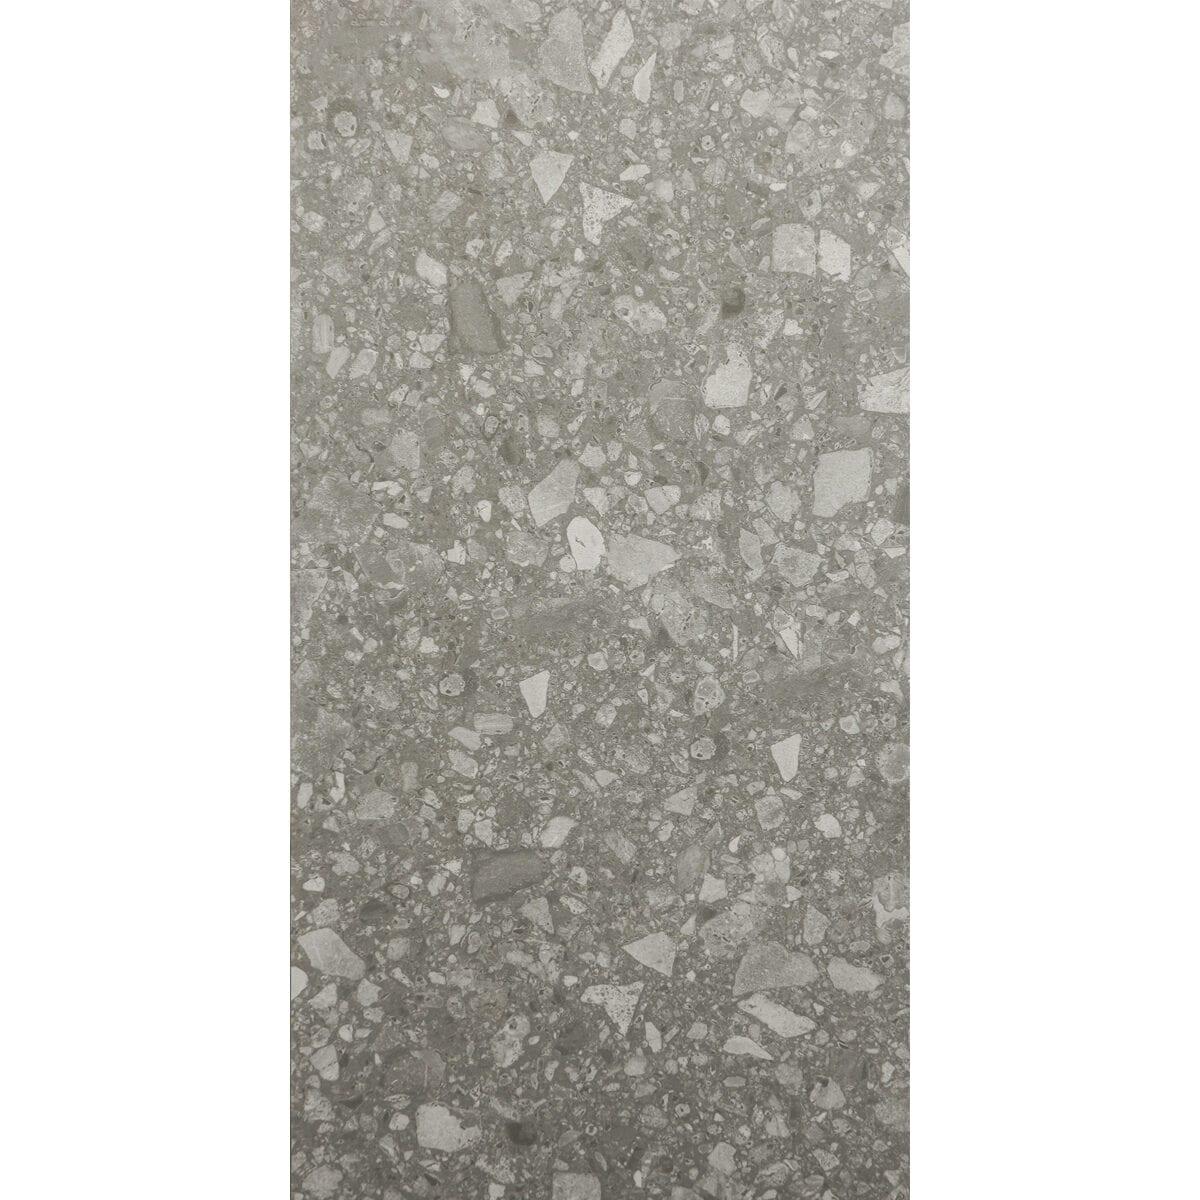 T10915 StarDust IBIS White Matte 2